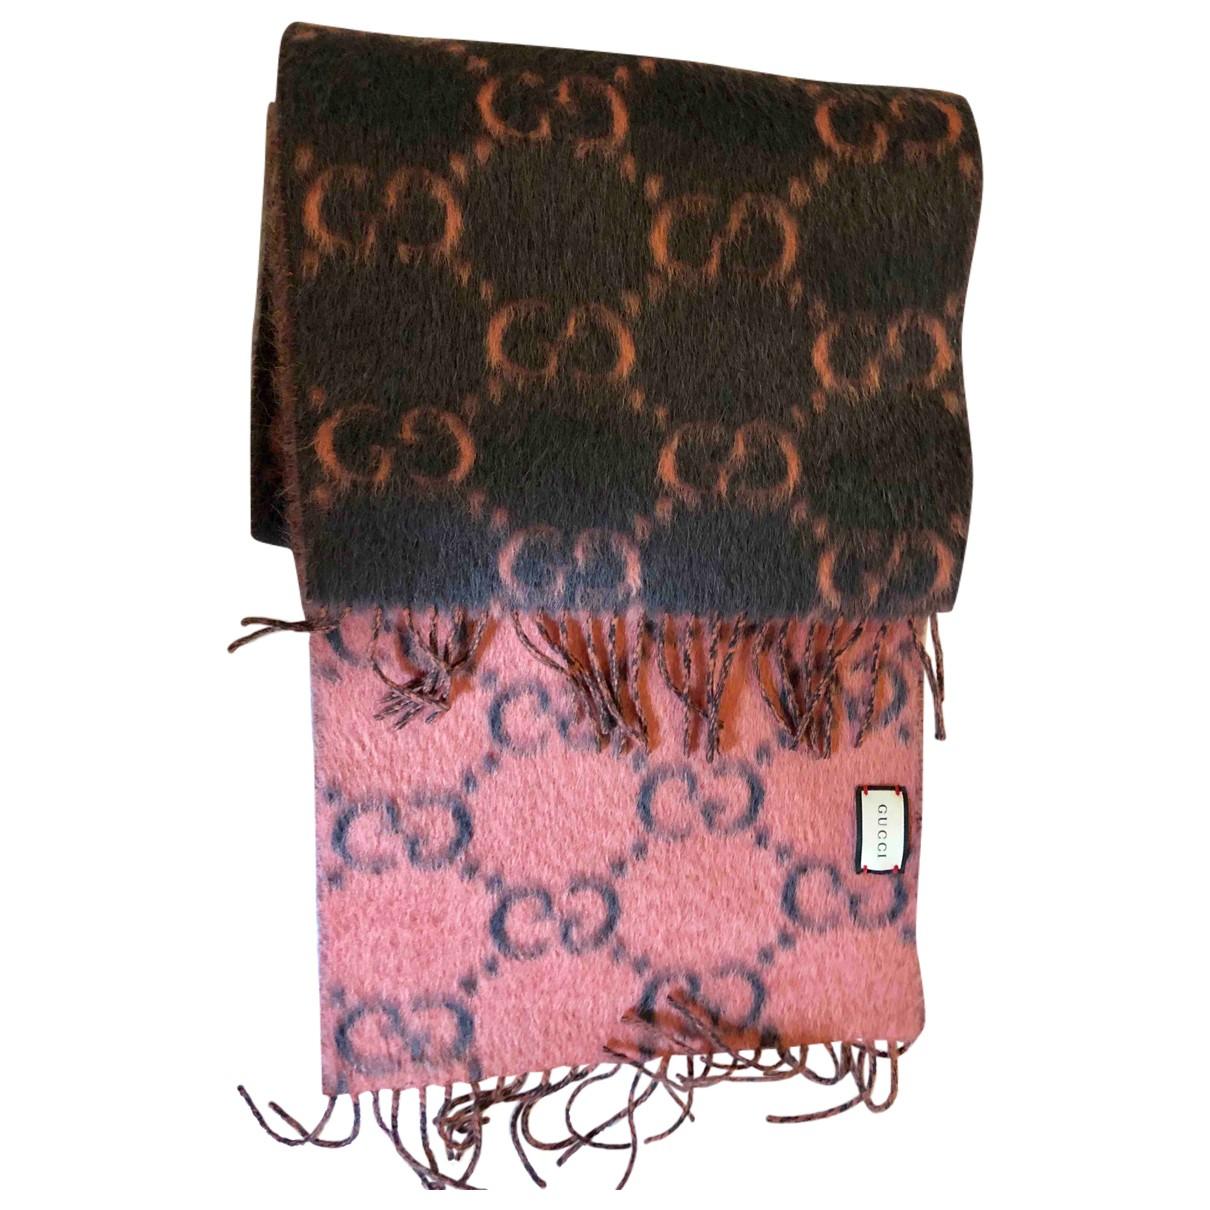 Gucci - Foulard   pour femme en laine - anthracite